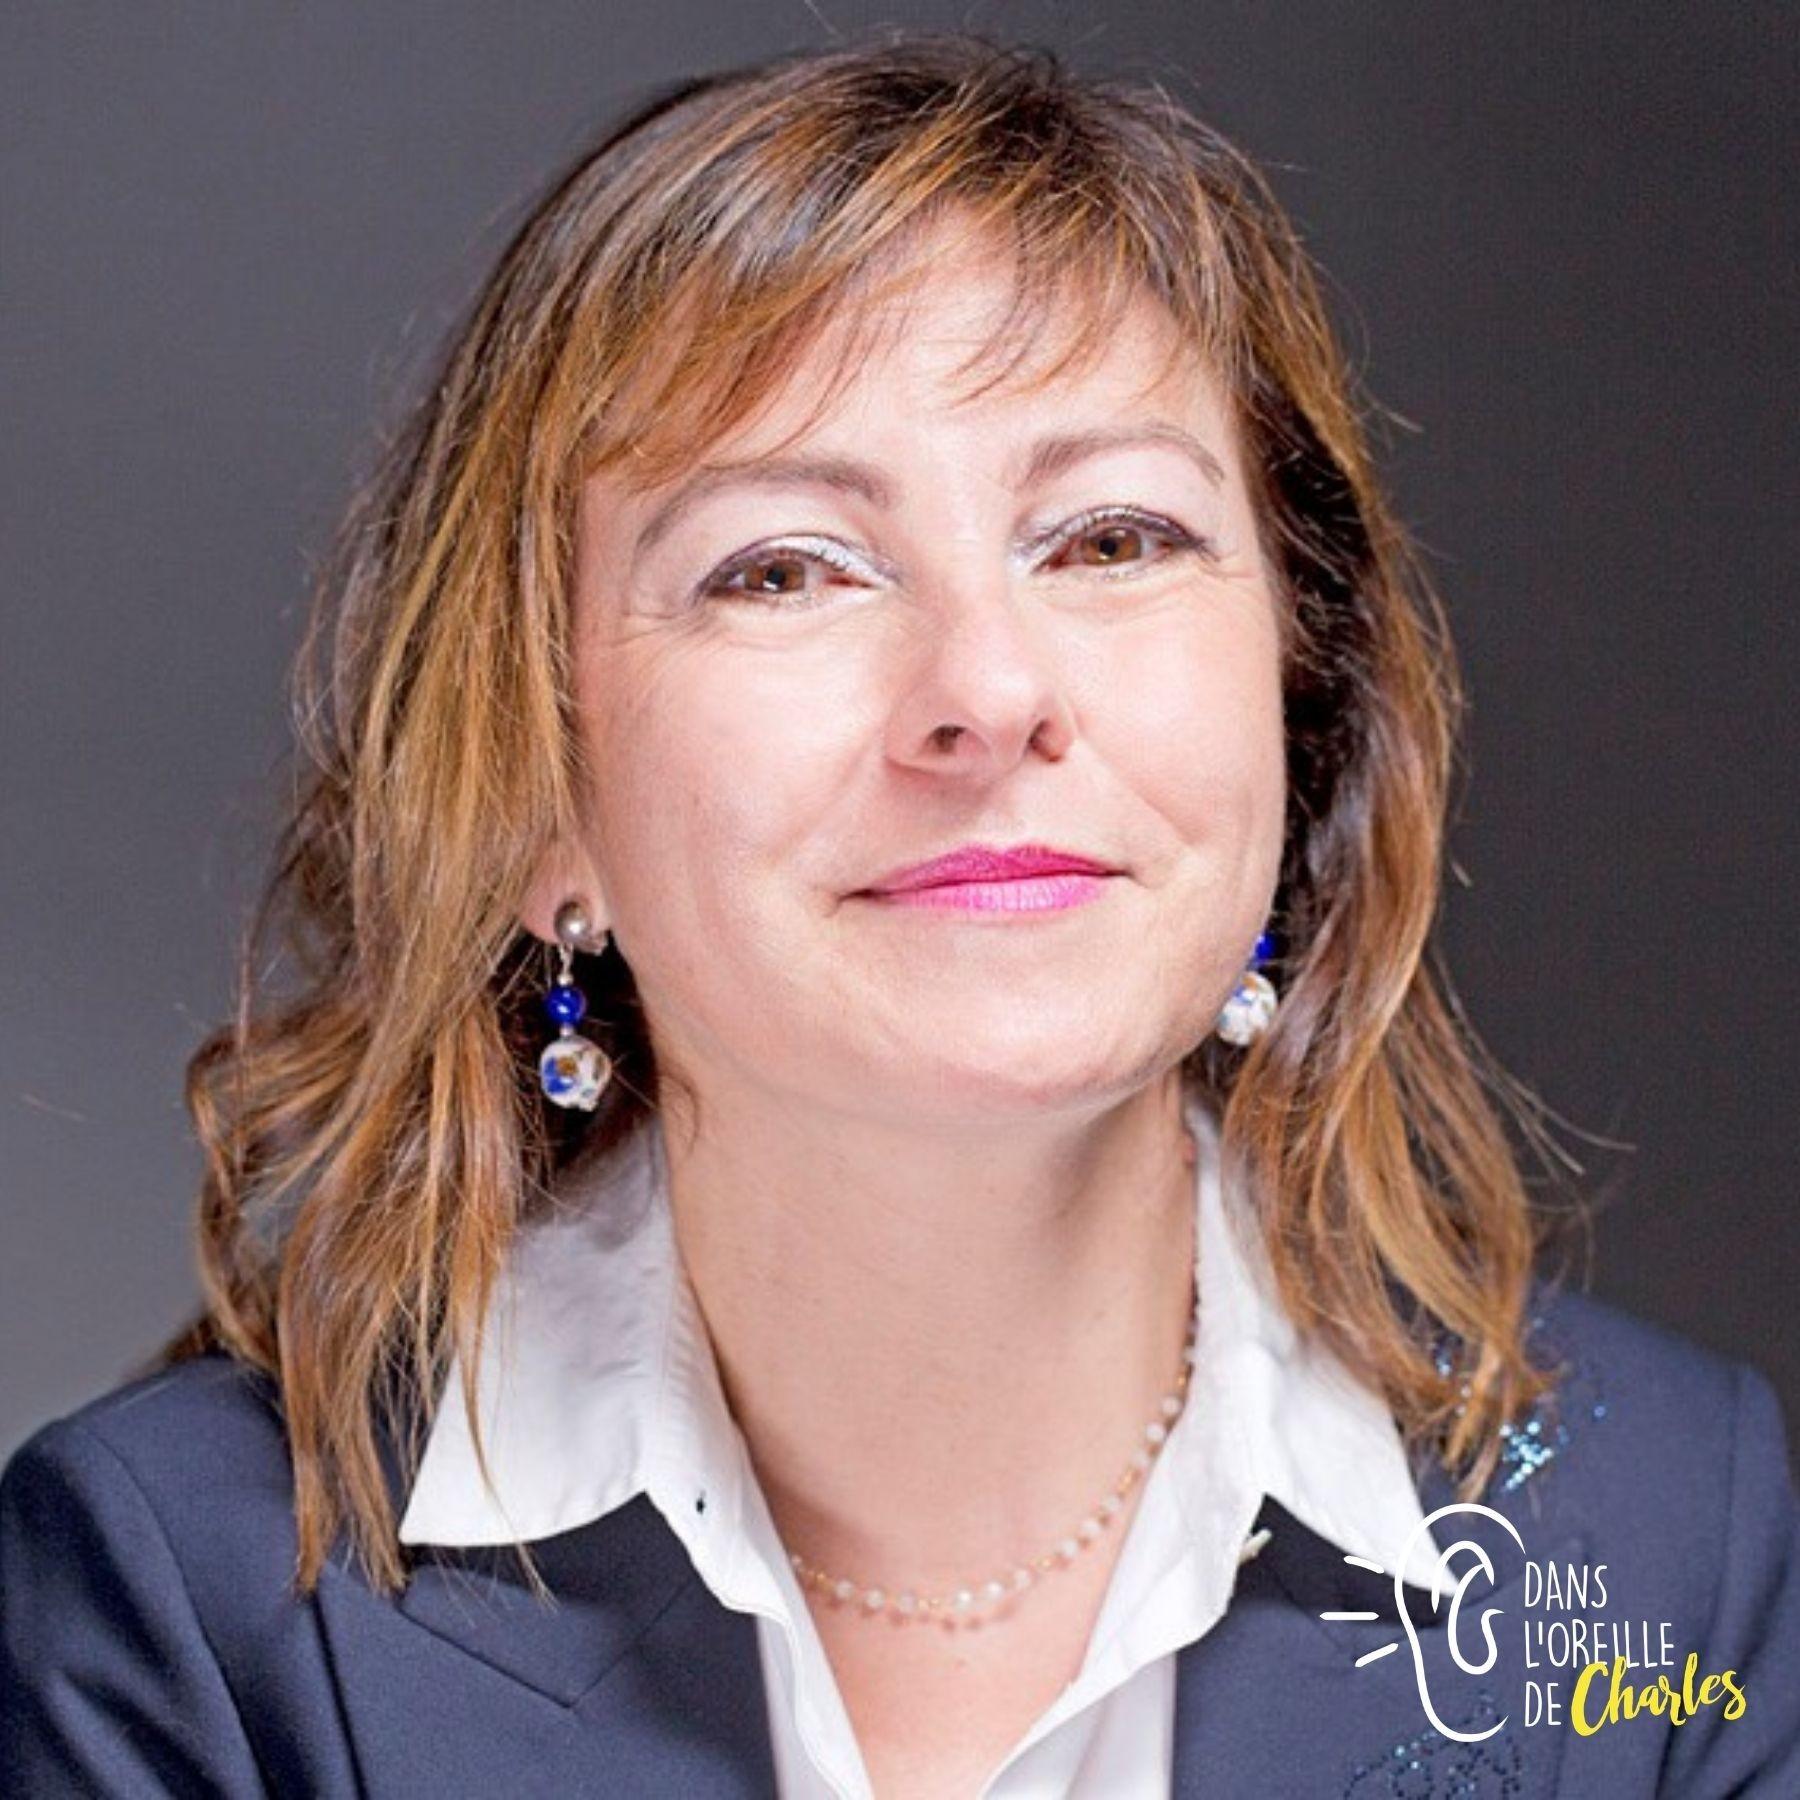 Les grands barons - Carole Delga